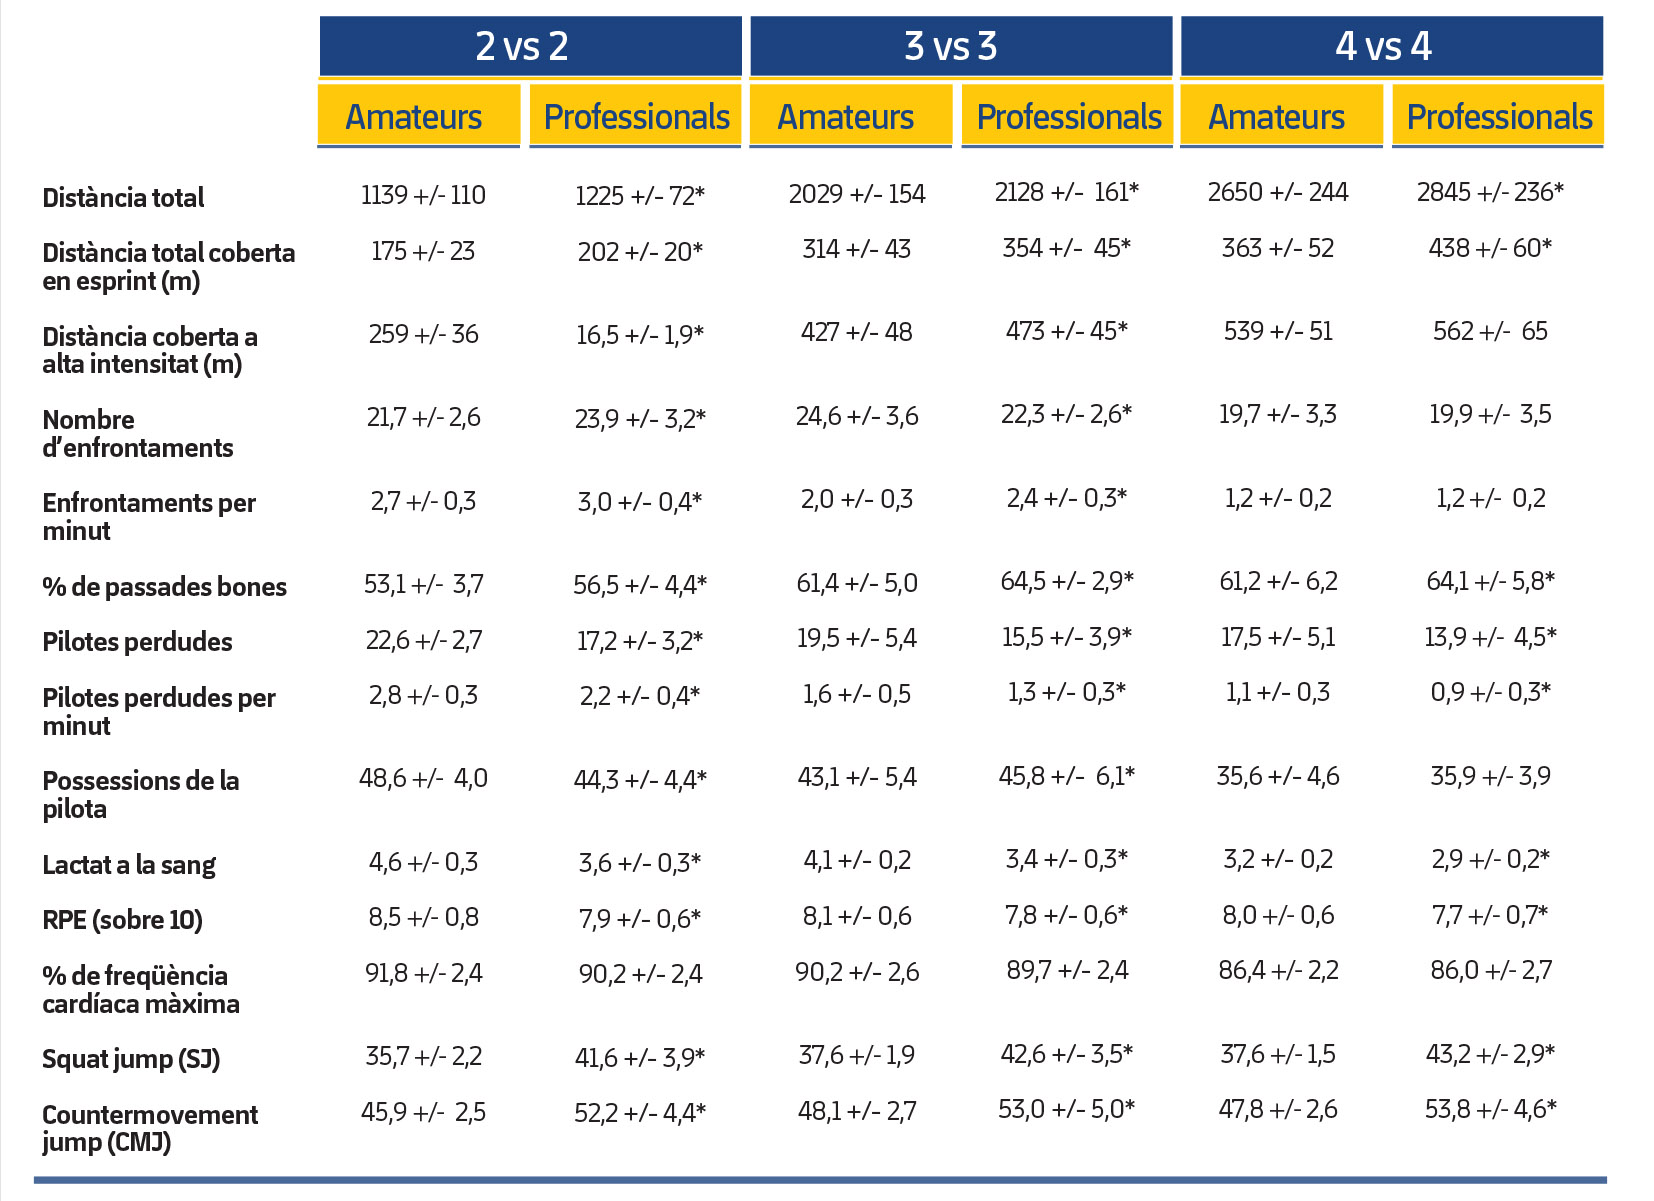 Taula 2. Respostes fisiològiques i activitats tecnicotàctiques i físiques durant un 2 contra 2, 3 contra 3 i 4 contra 4 en jugadors amateurs i professionals. *Diferències significatives.La RPE, el SJ i el CMJ es van mesurar immediatament després de cada exercici. Els nivells de lactat a la sang es van recollir tres minuts després d'haver acabat cada tasca.